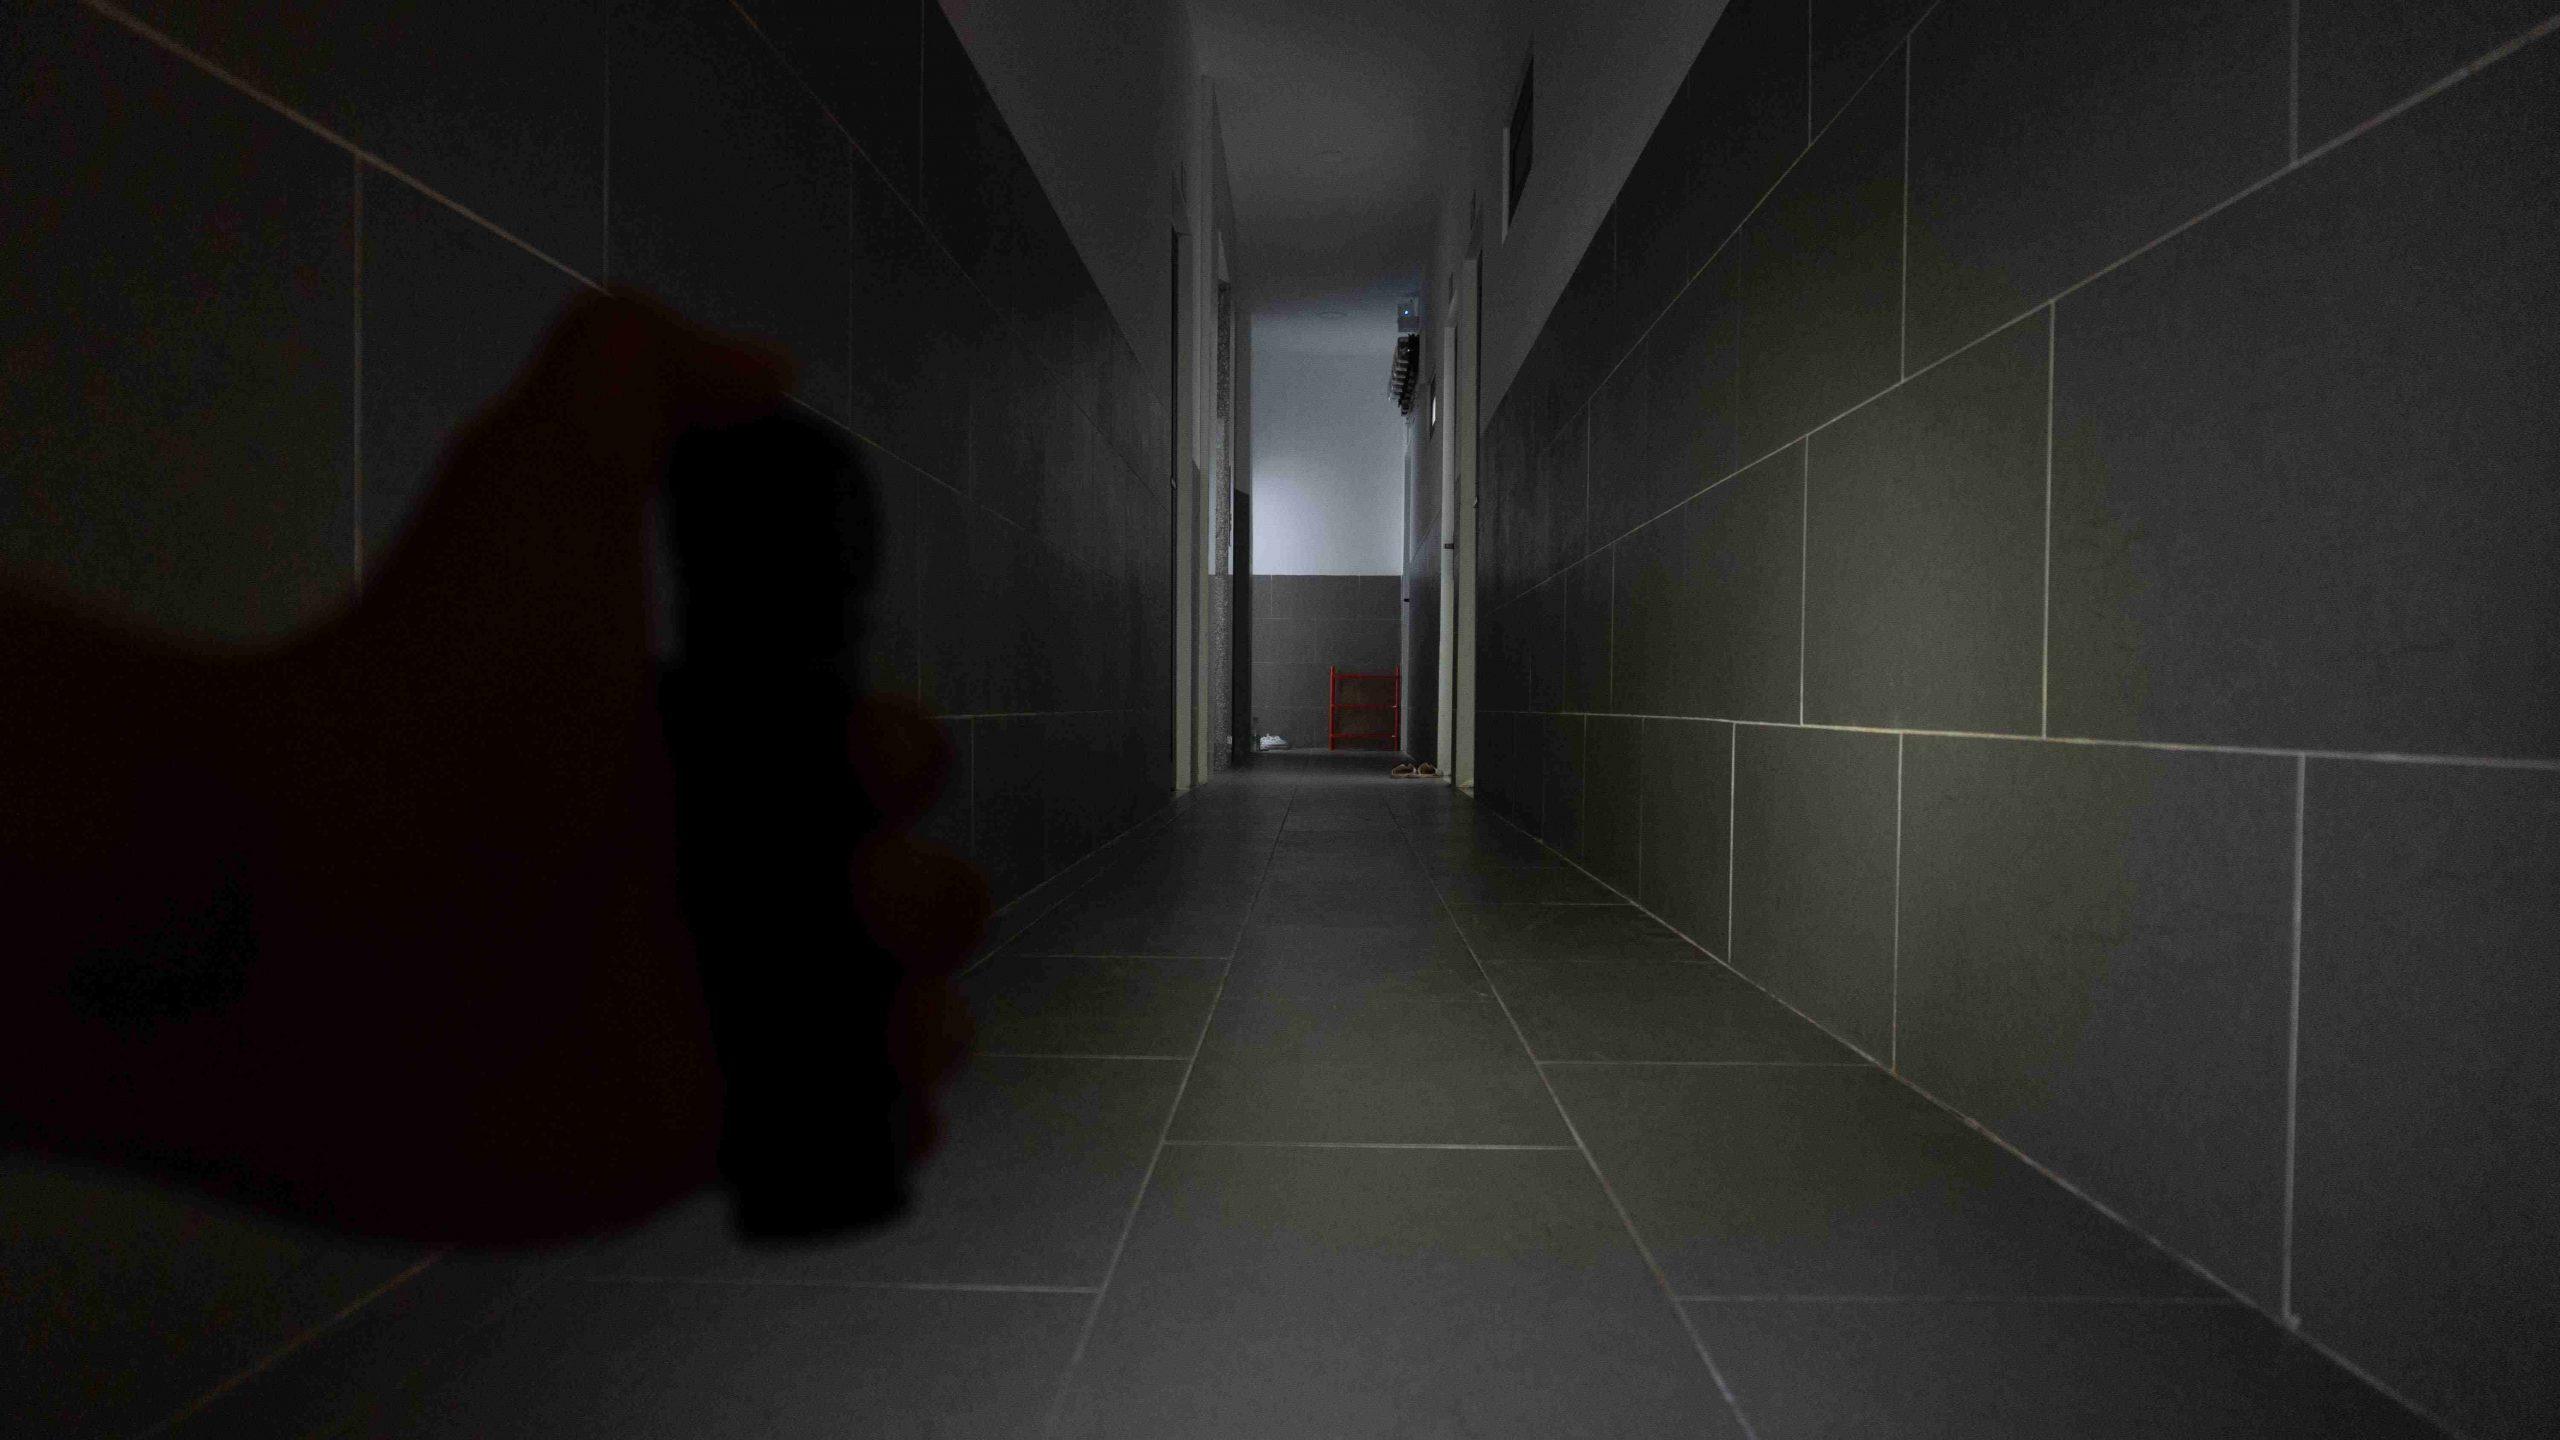 30 lumens ở trong nhà (thời lượng 66 tiếng). Vừa đủ để di chuyển, tìm kiếm trong tầm mắt